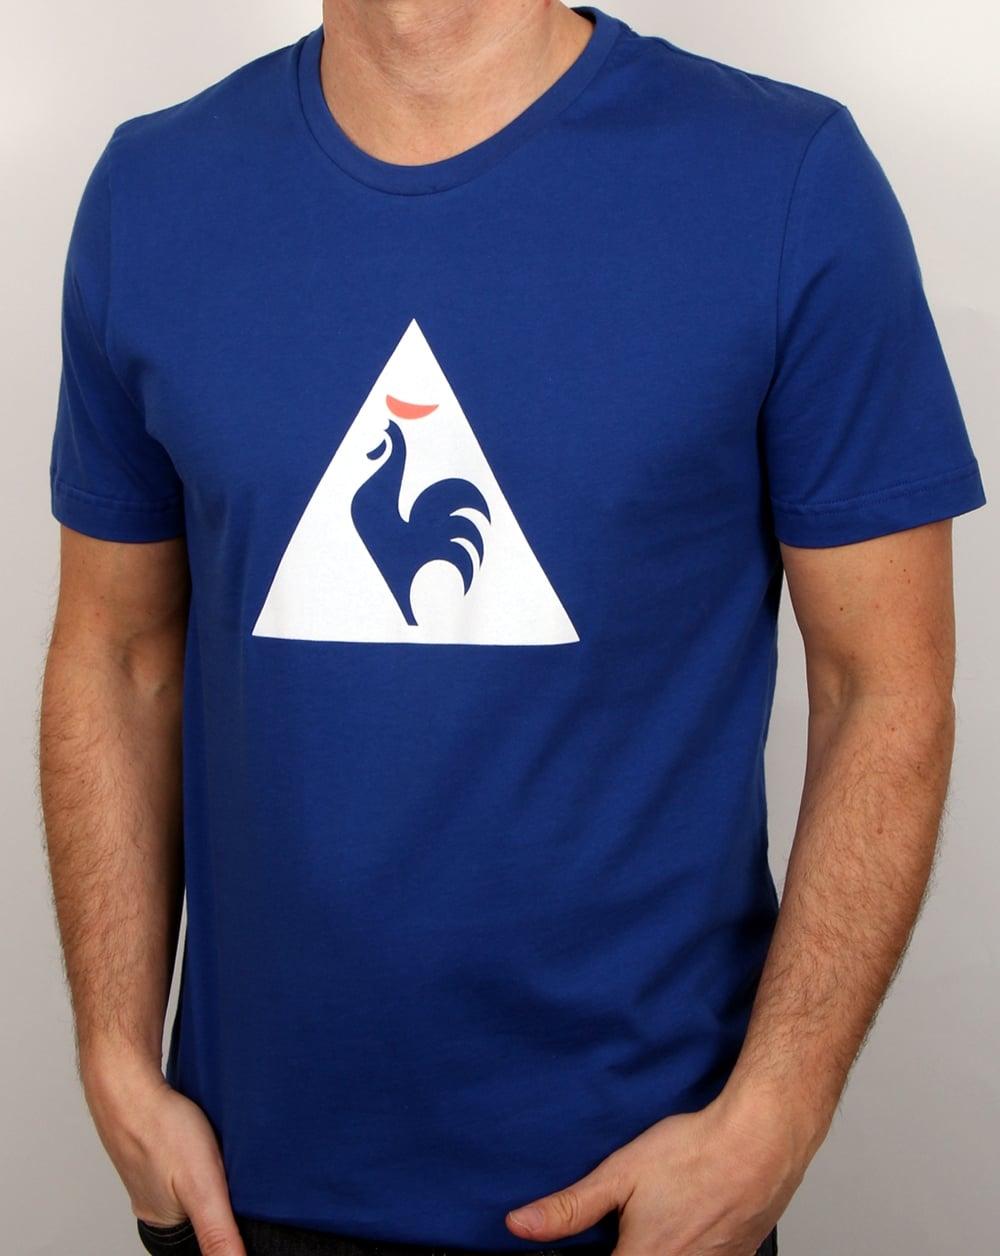 coq sportif tee shirt